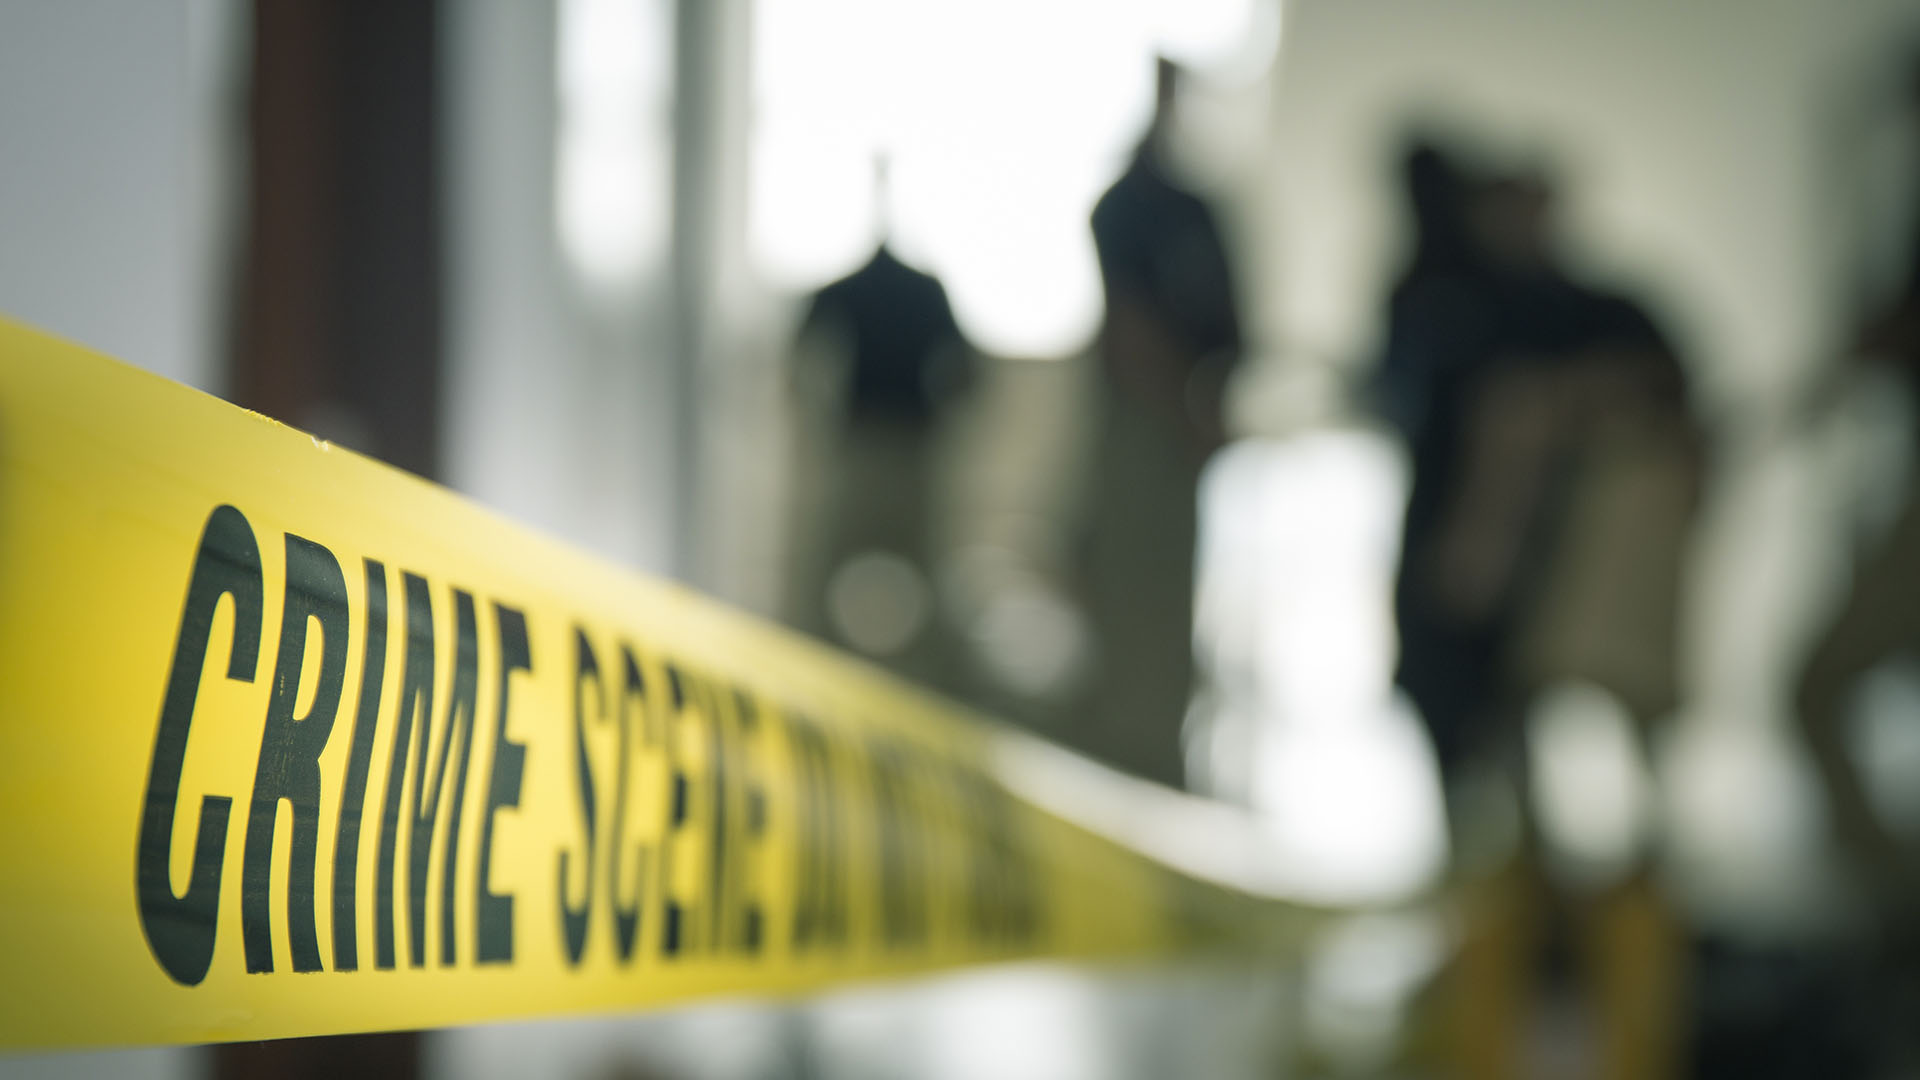 El homicidio se ha convertido en la tercera causa de muerte en el trabajo en EE.UU. (Getty)